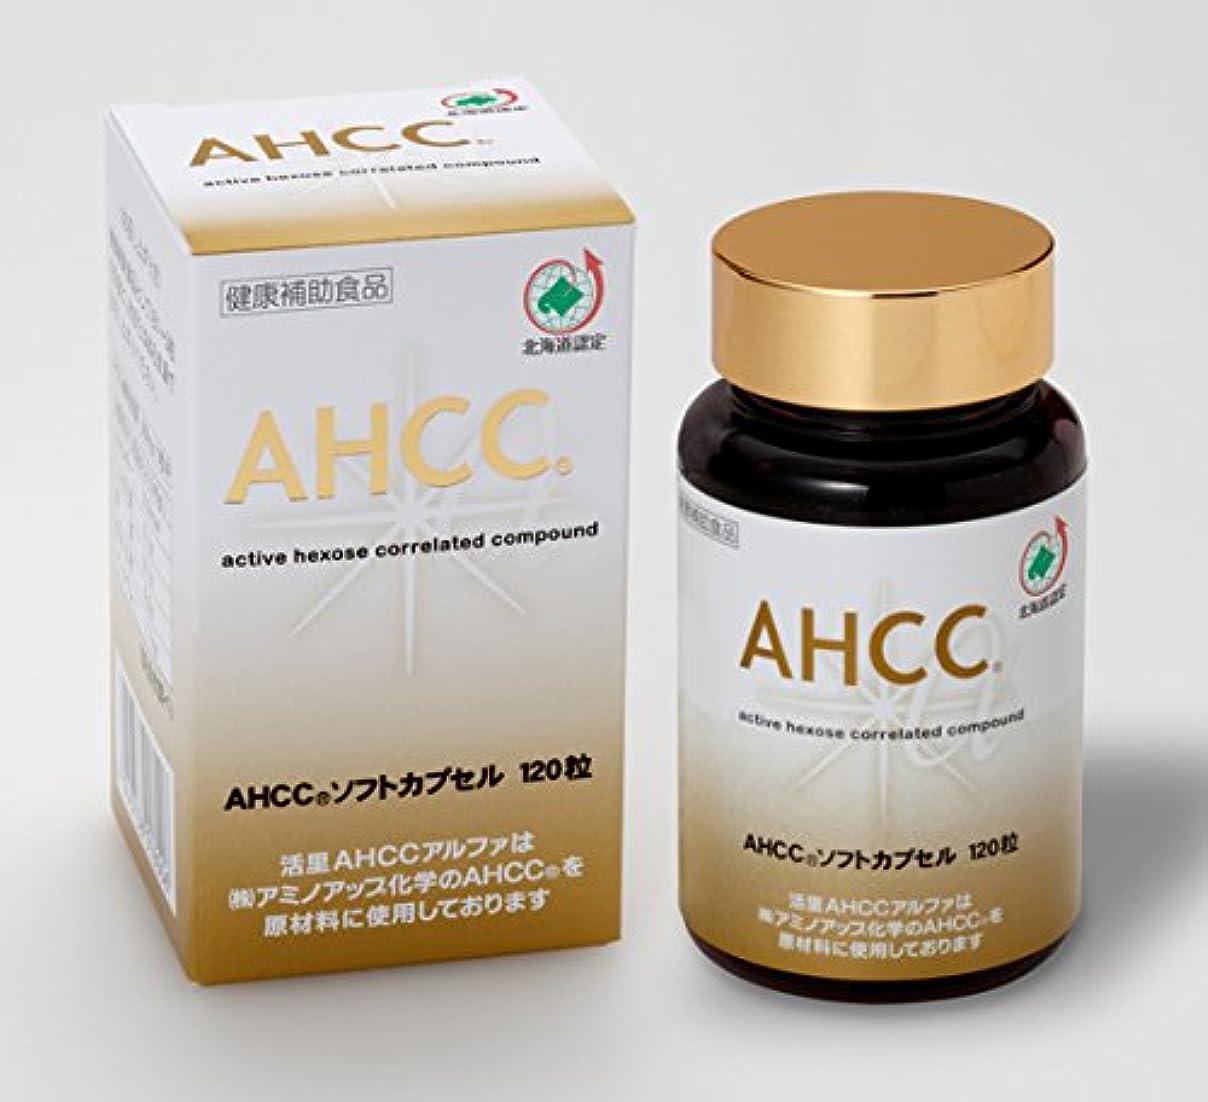 脇にポール神経衰弱AHCCアルファソフトカプセル 120粒